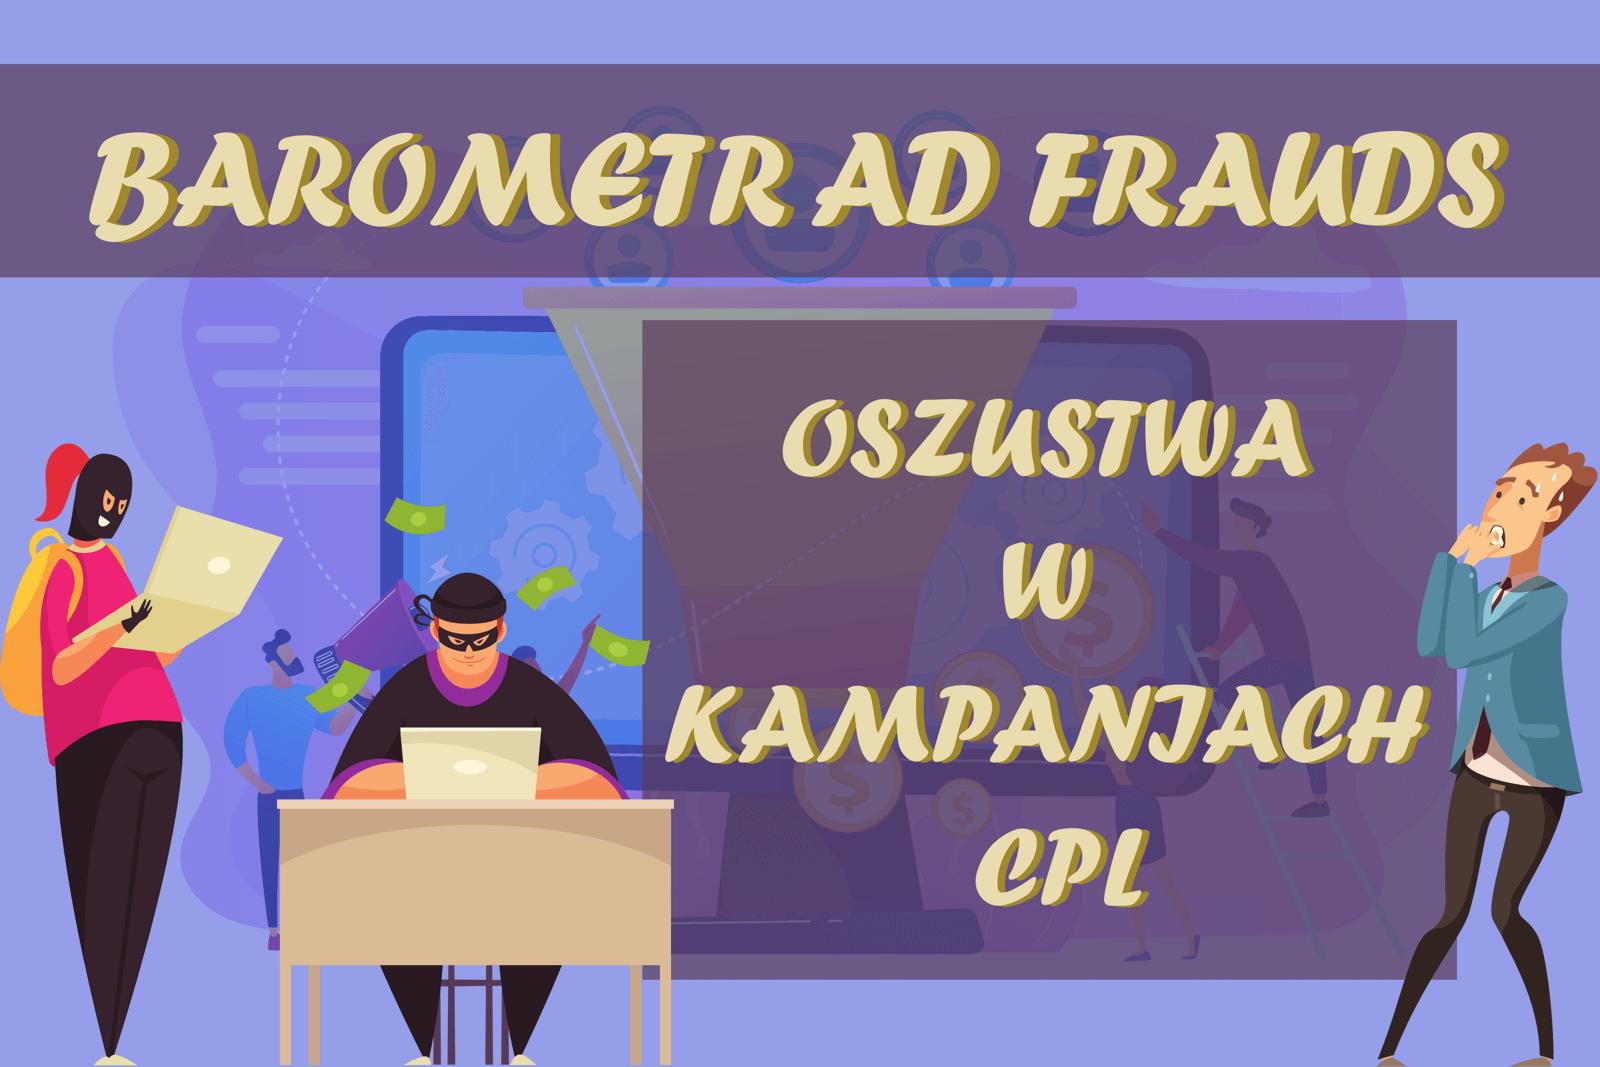 Barometr Ad Frauds - Szemrane formularze, czyli fraud w CPL